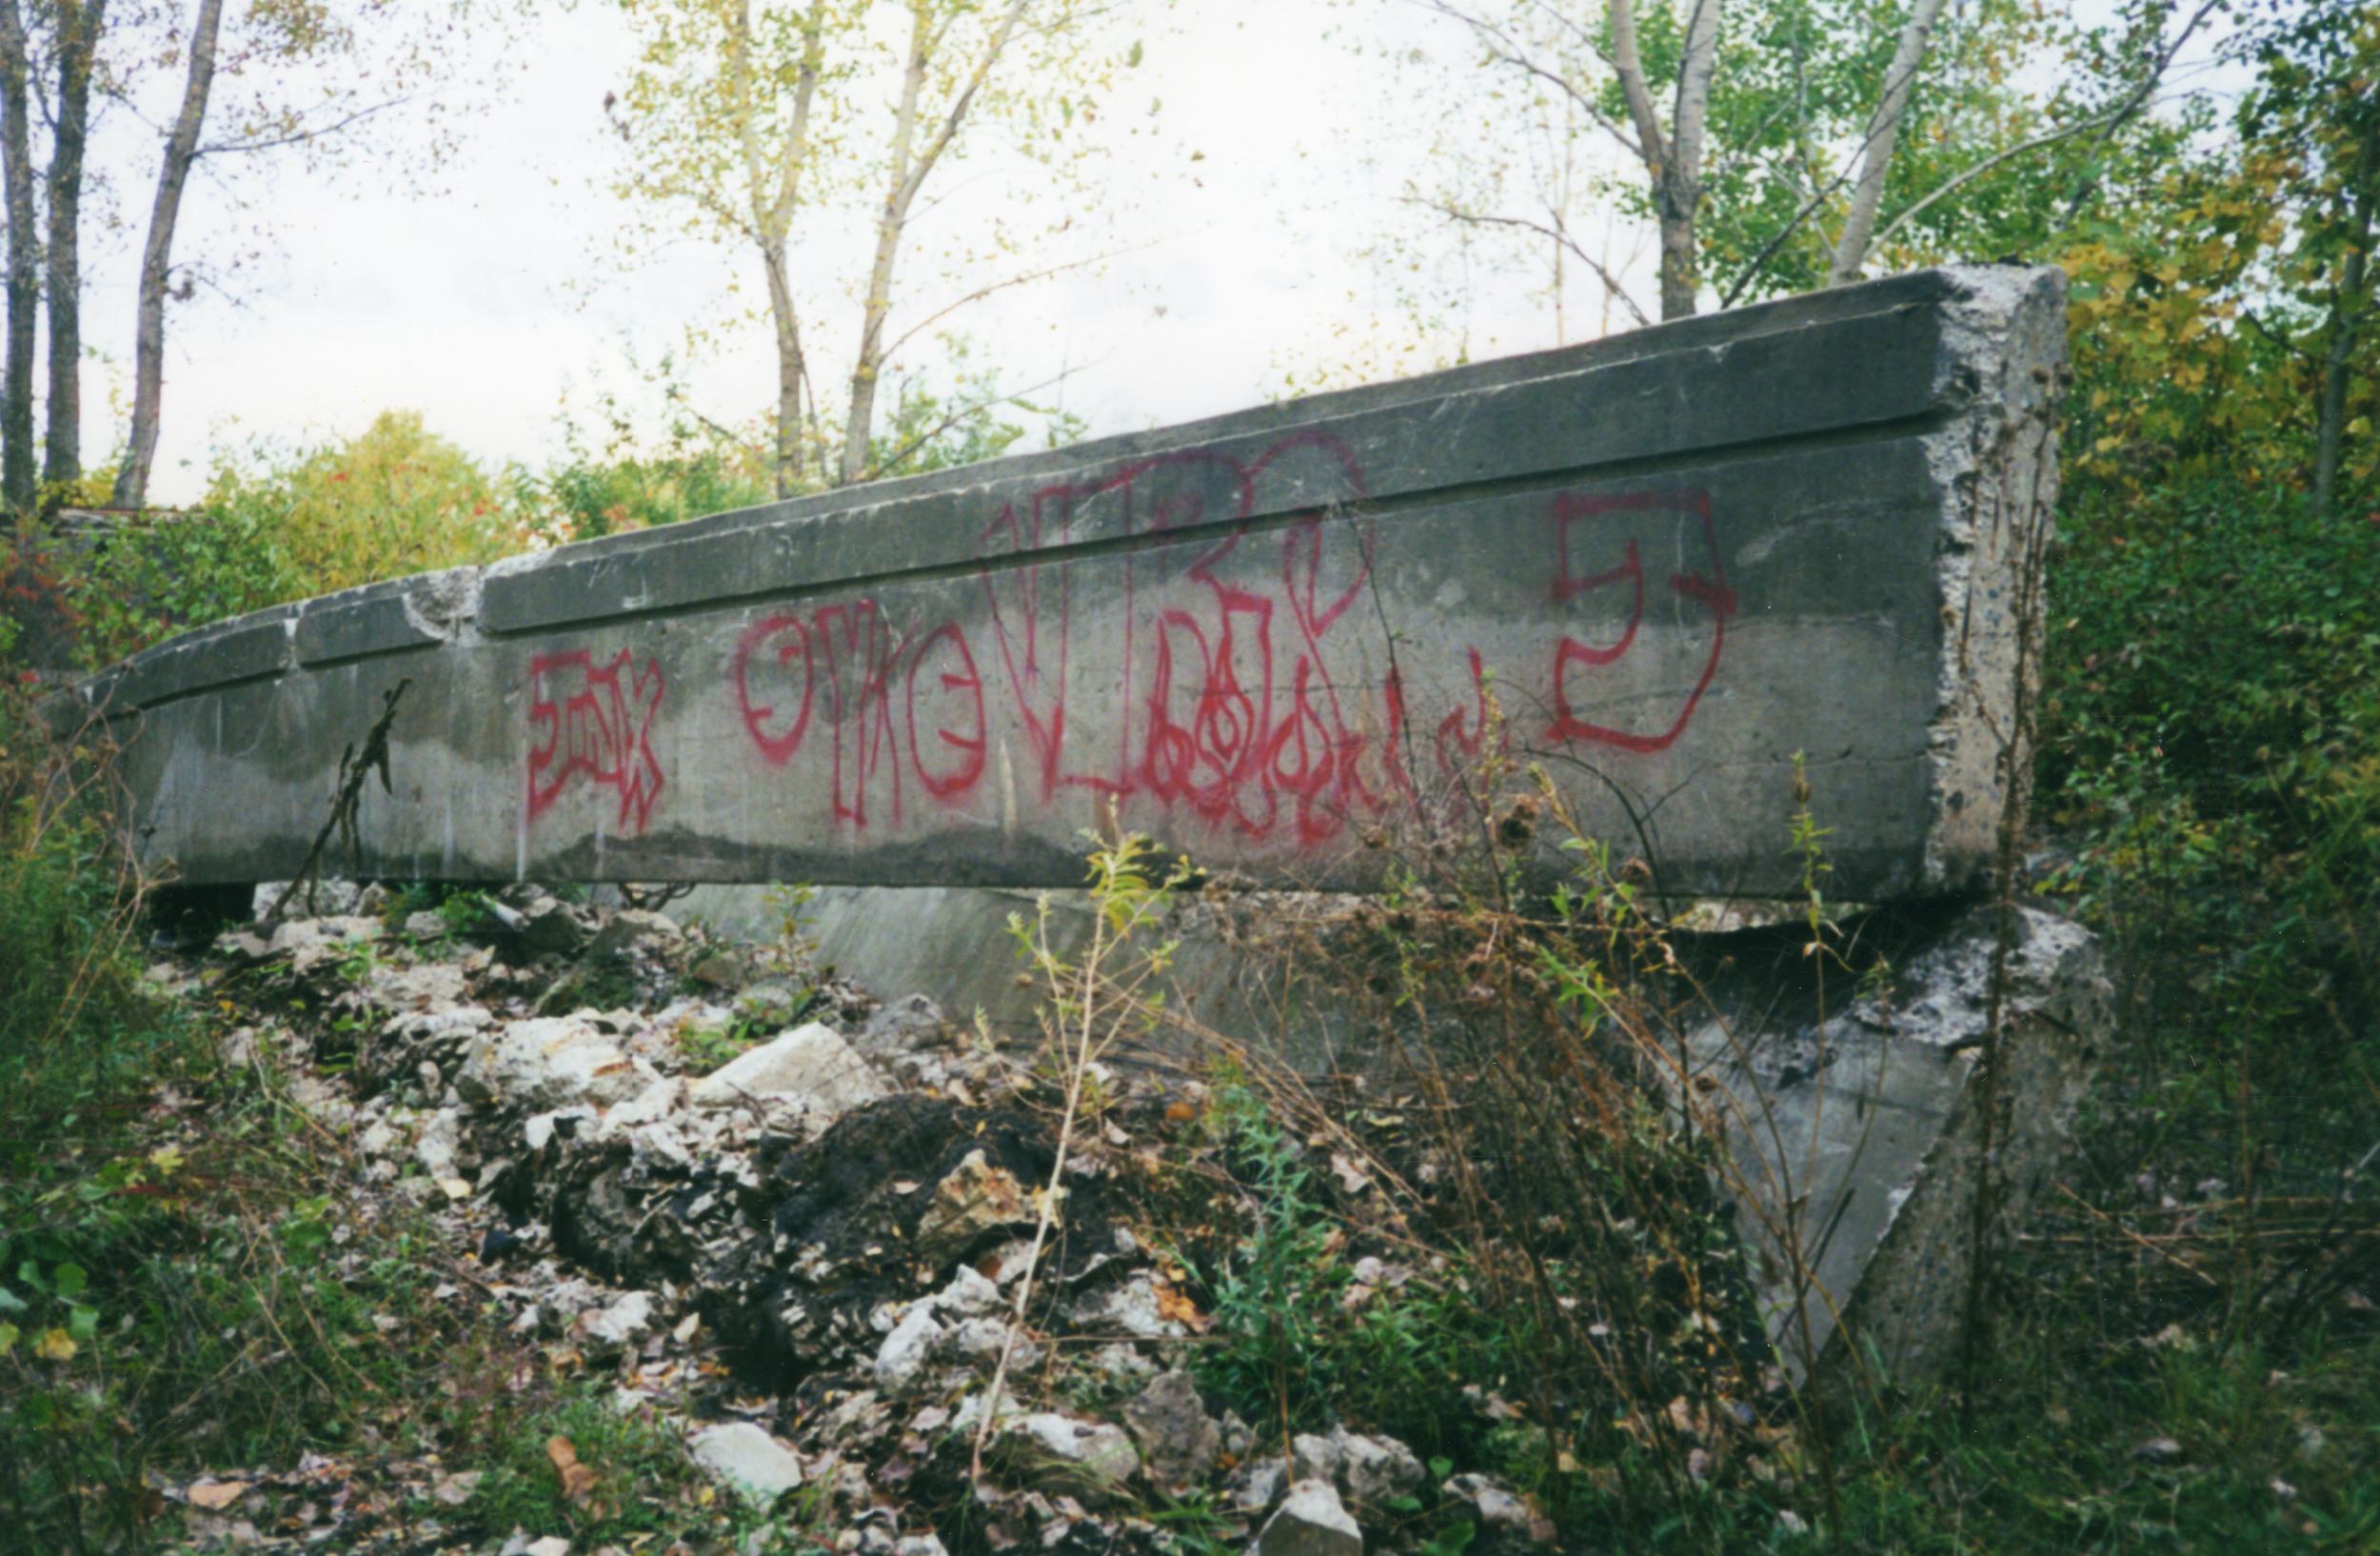 broken concrete with graffiti